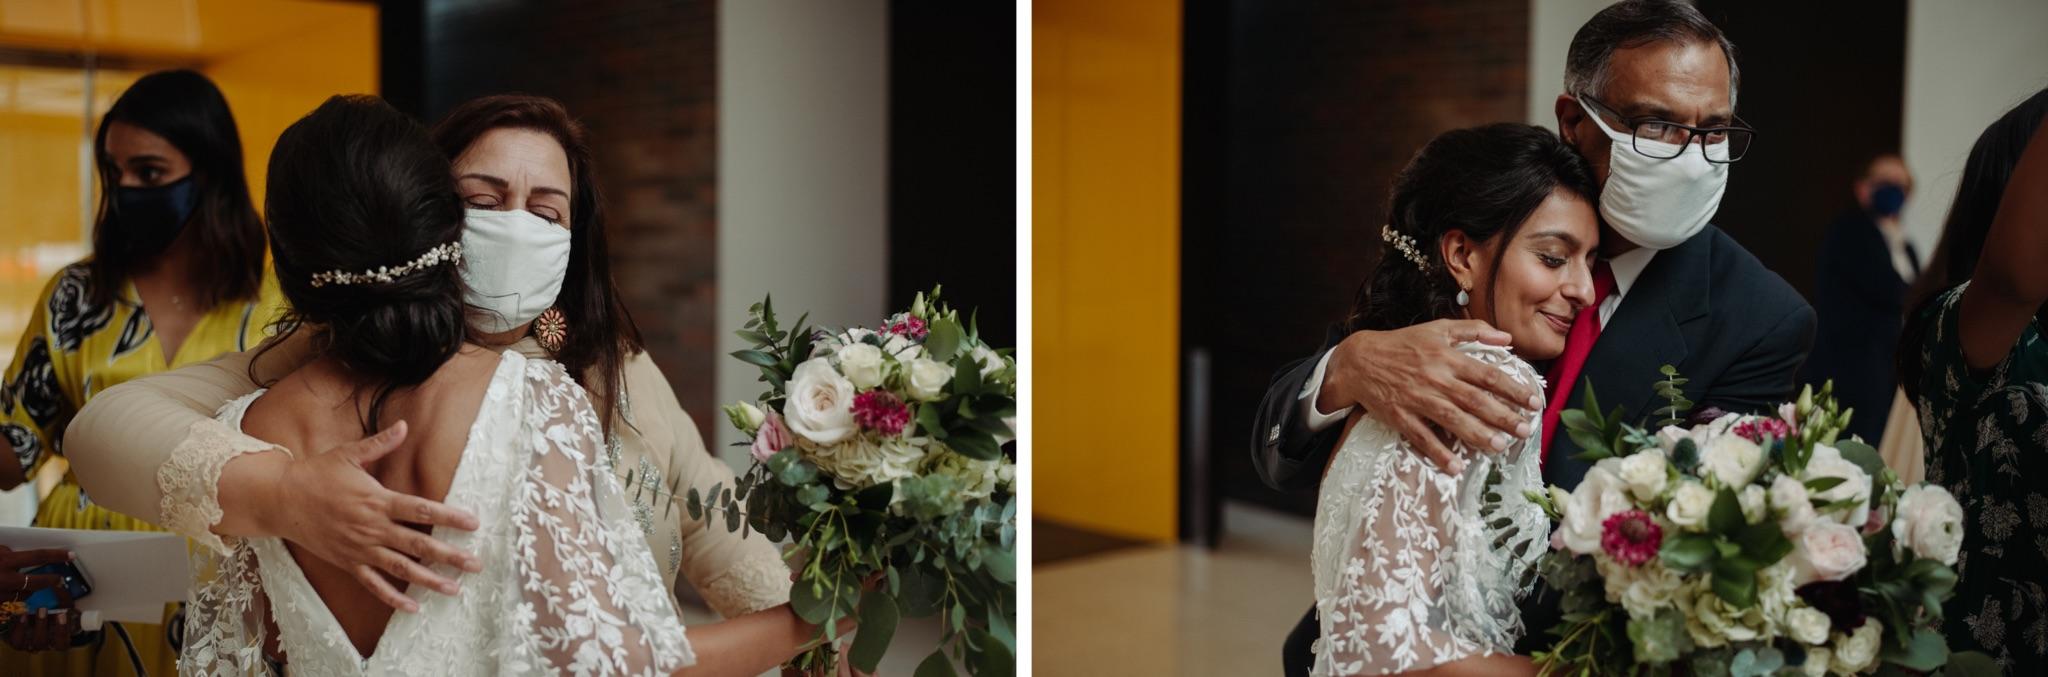 bide and dad hugging, bride and mom hugging walker art center wedding